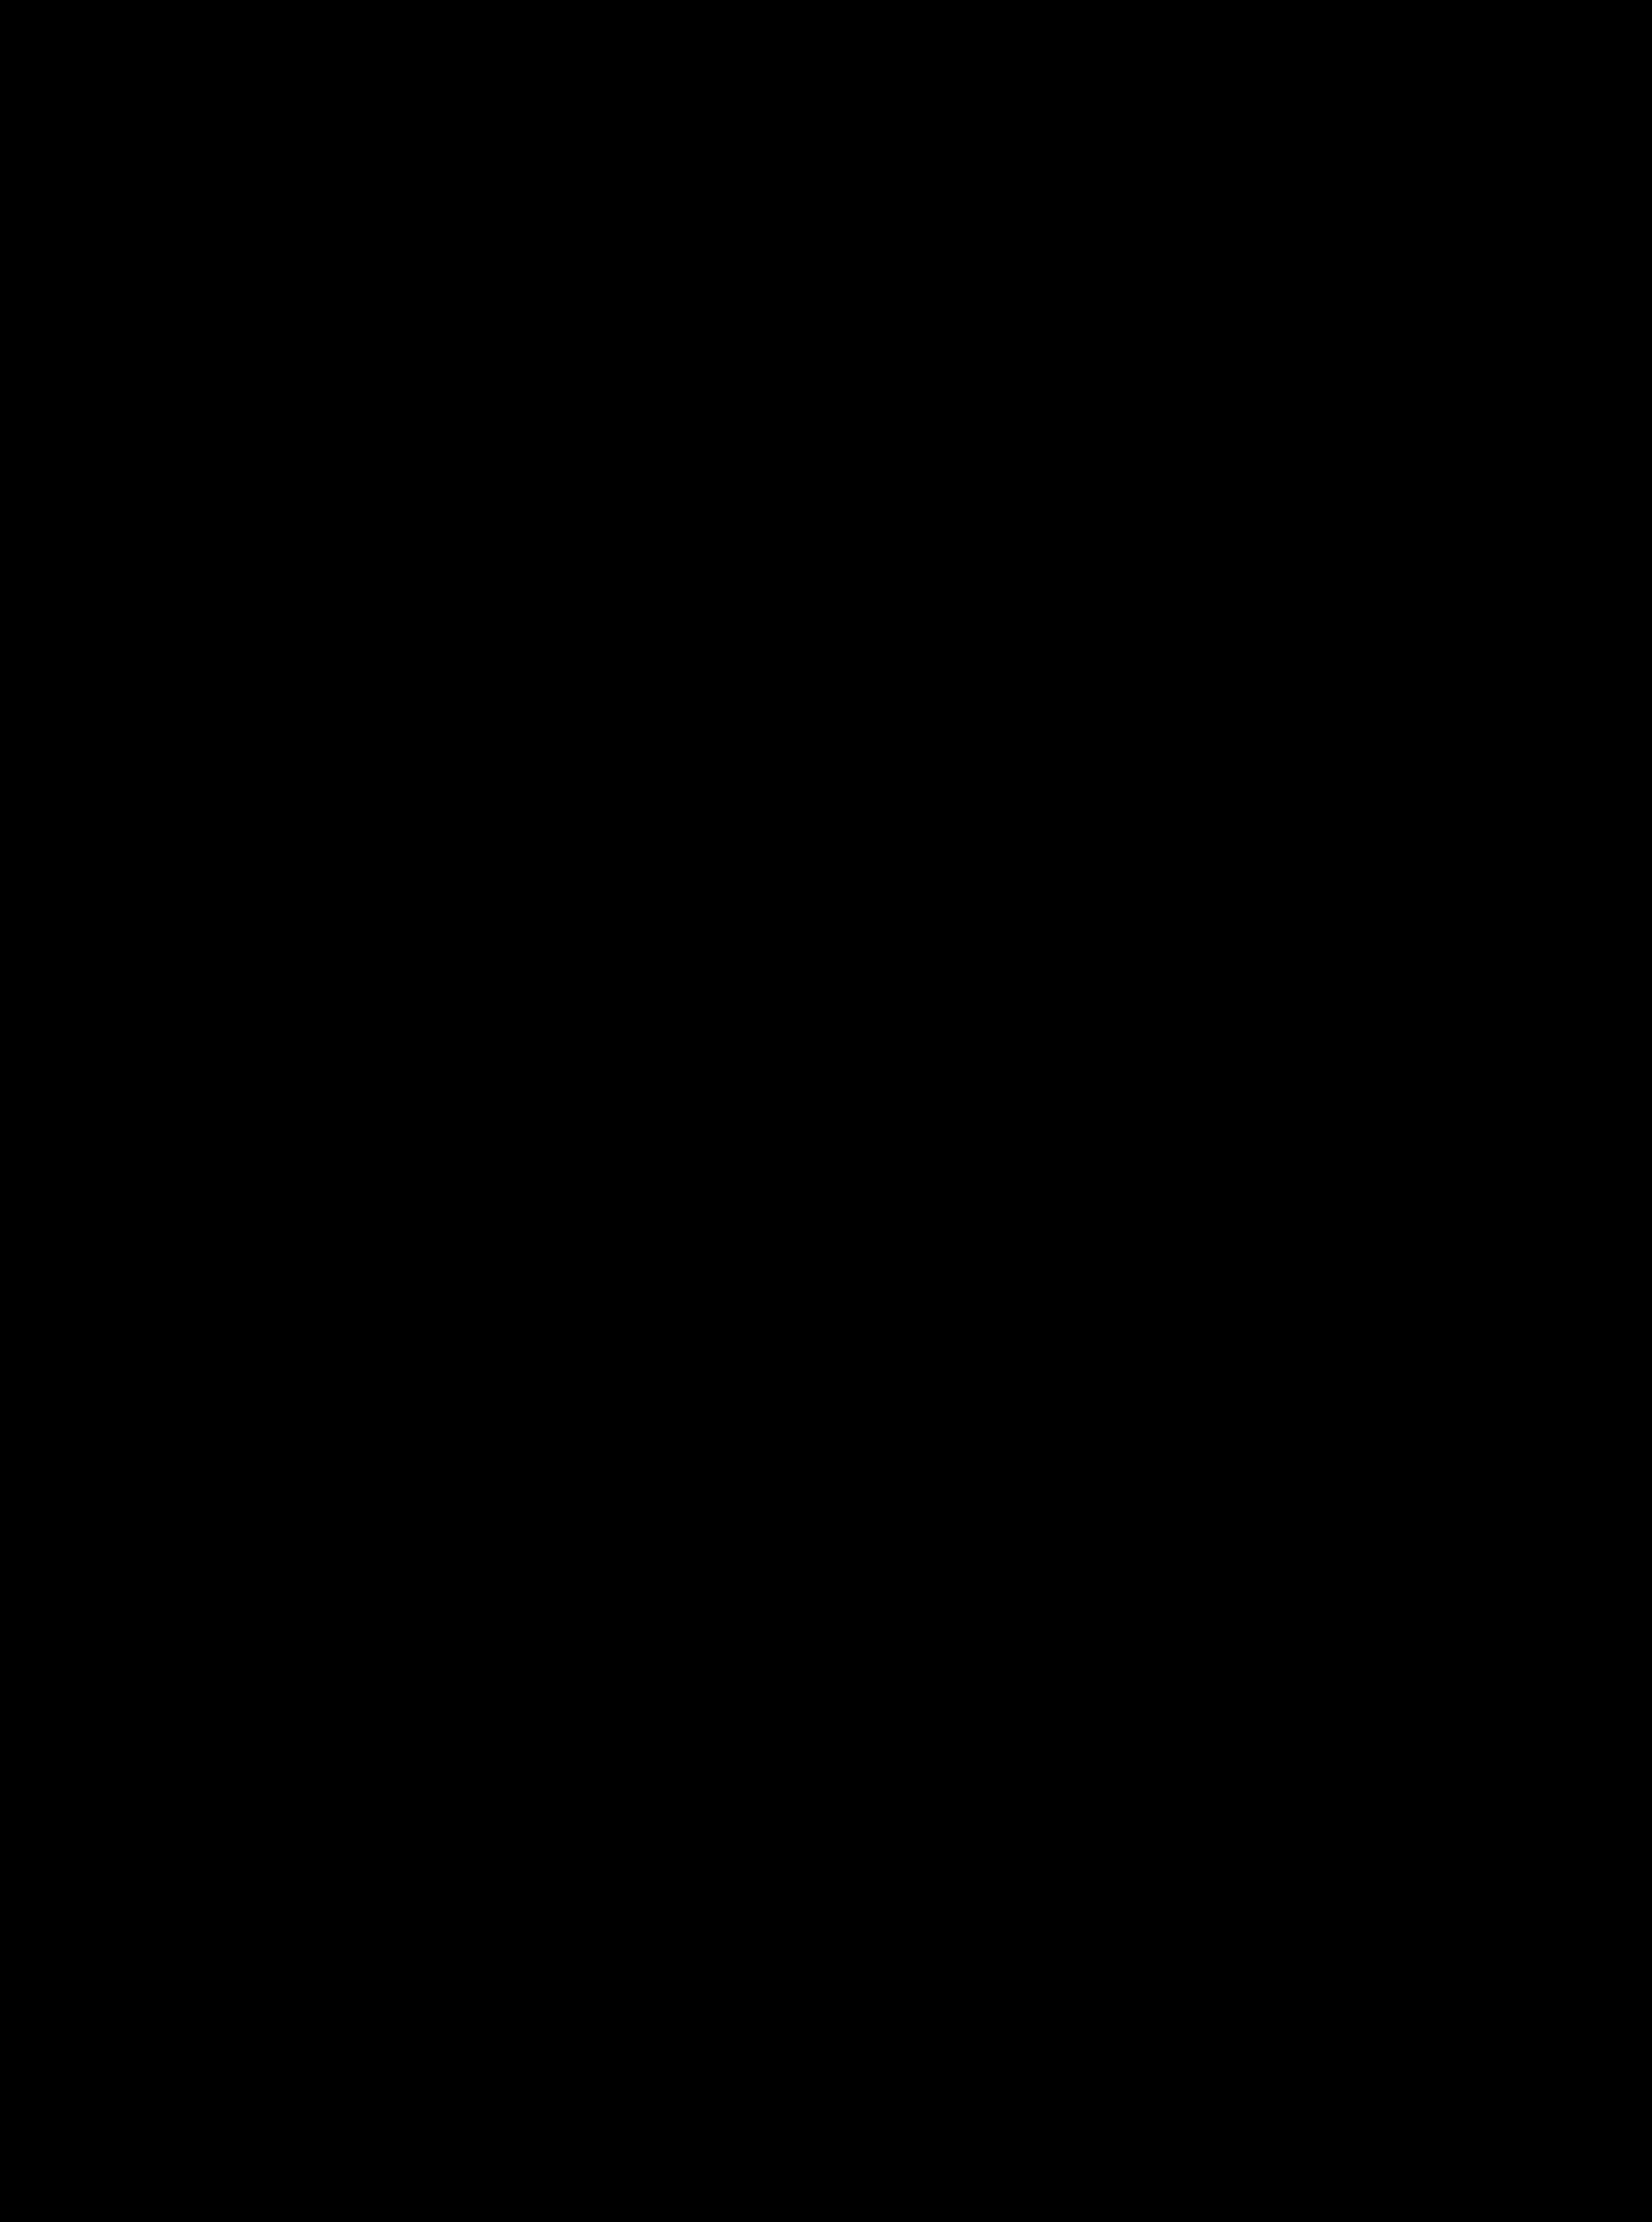 Goat goals